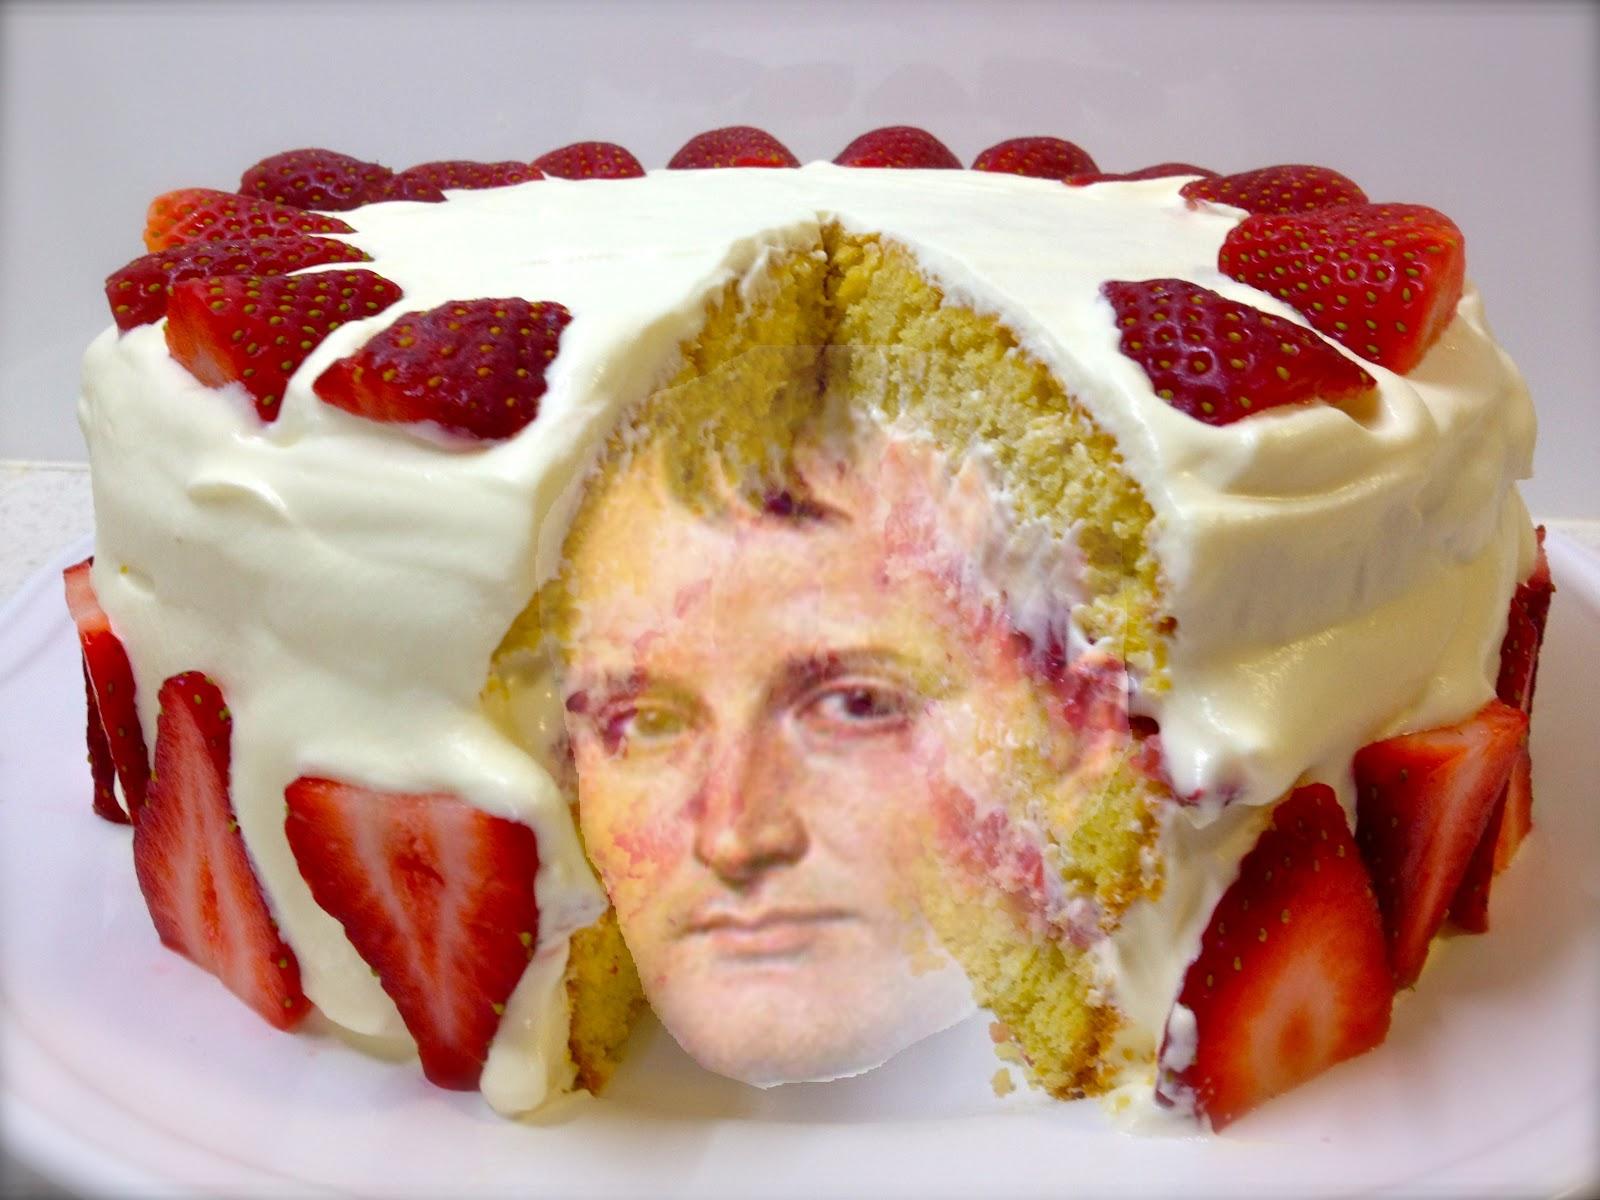 nap cake.jpg